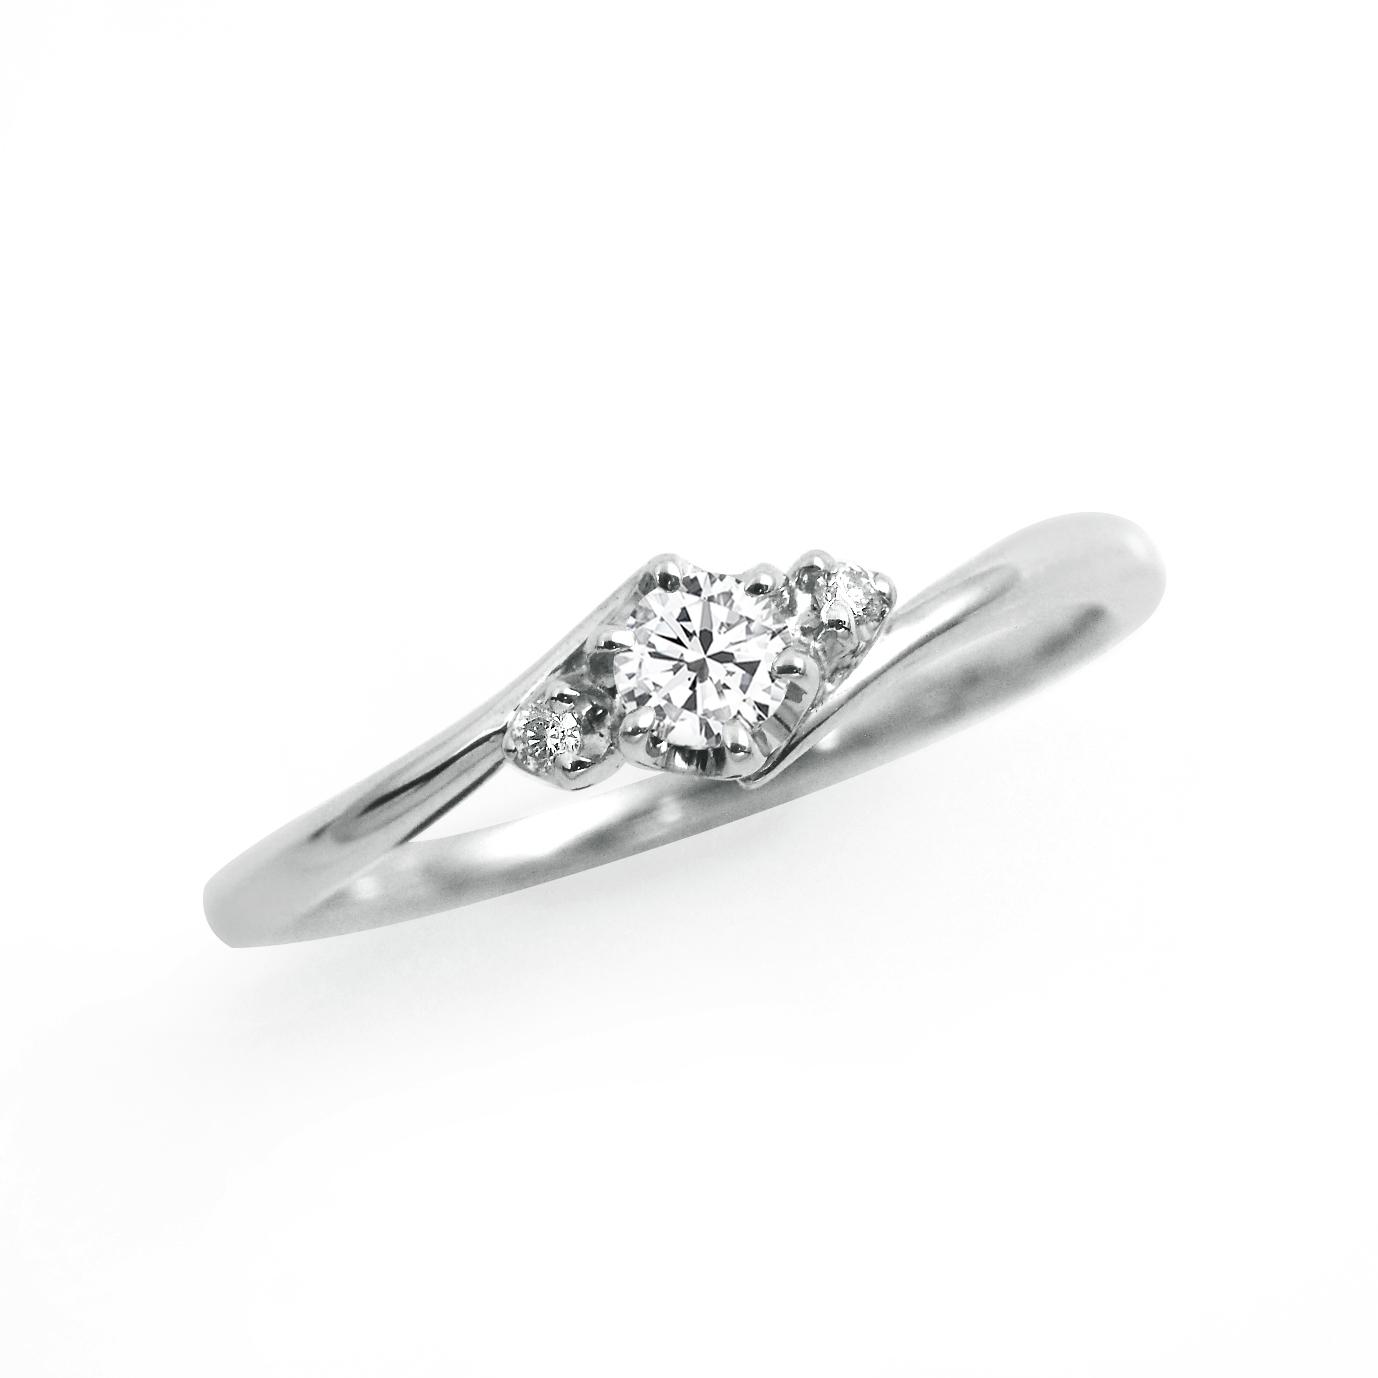 シンプル,フェミニン 婚約指輪のLP03289